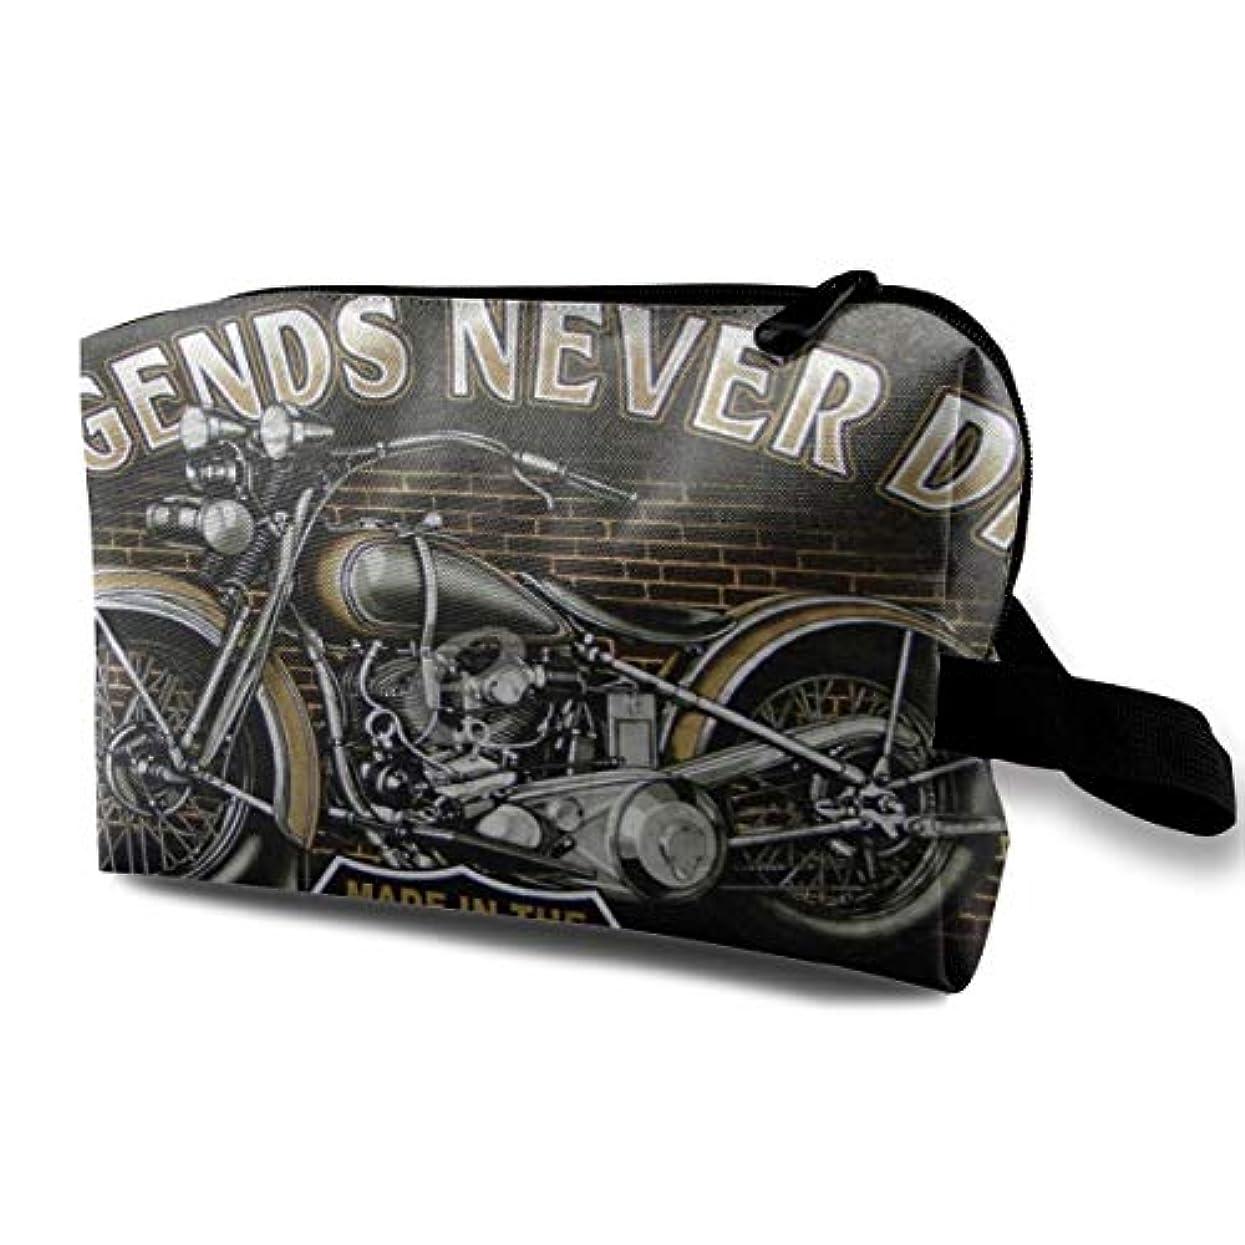 ありそう保険みぞれRetro Style Motorcycle 収納ポーチ 化粧ポーチ 大容量 軽量 耐久性 ハンドル付持ち運び便利。入れ 自宅?出張?旅行?アウトドア撮影などに対応。メンズ レディース トラベルグッズ